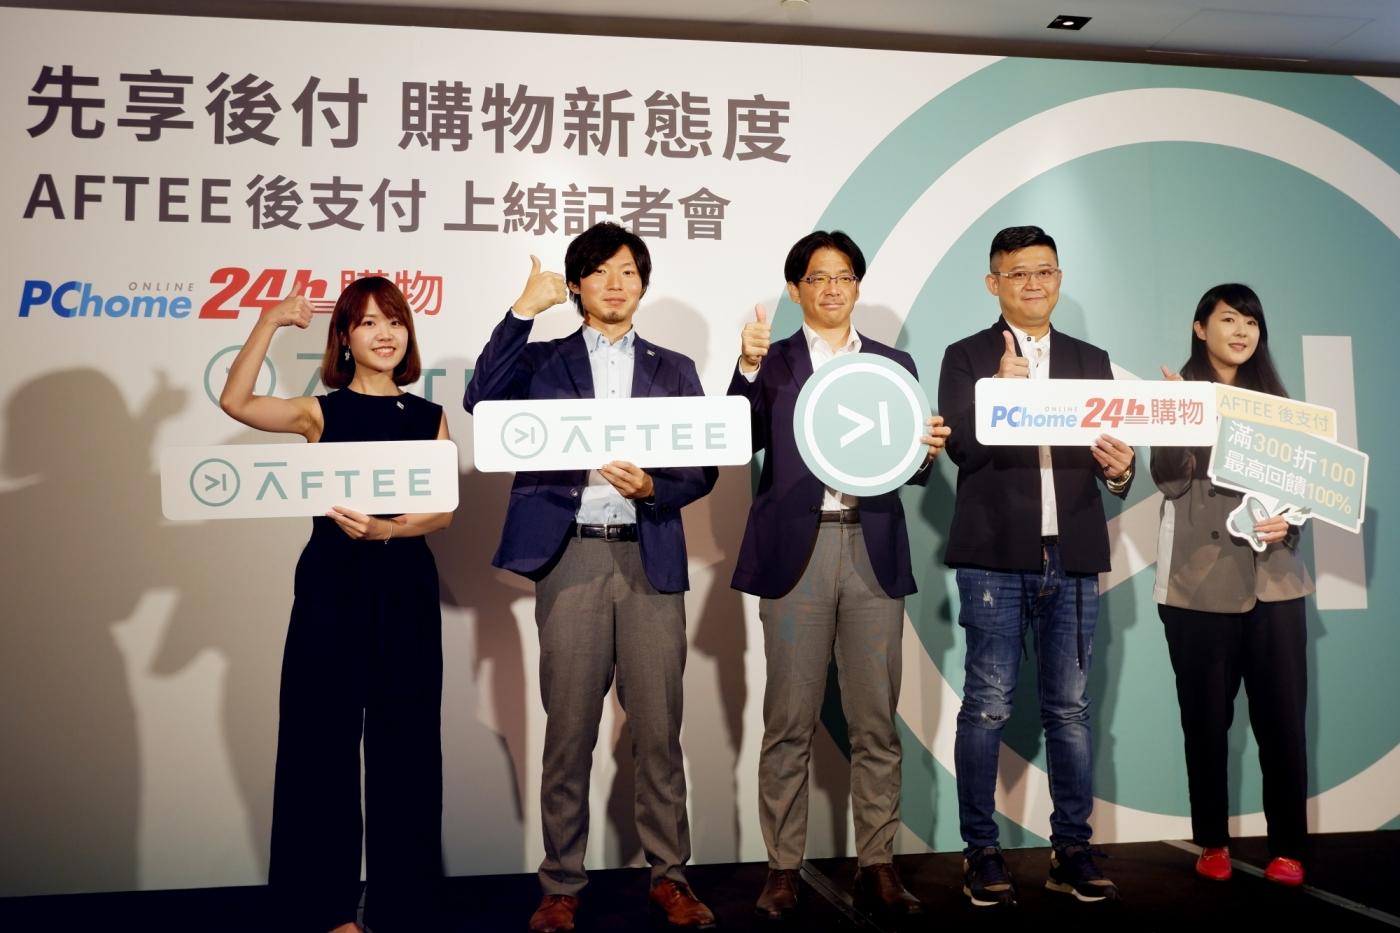 日本用20年的小額後付AFTEE登台!結盟PChome向行動支付戰局投震撼彈